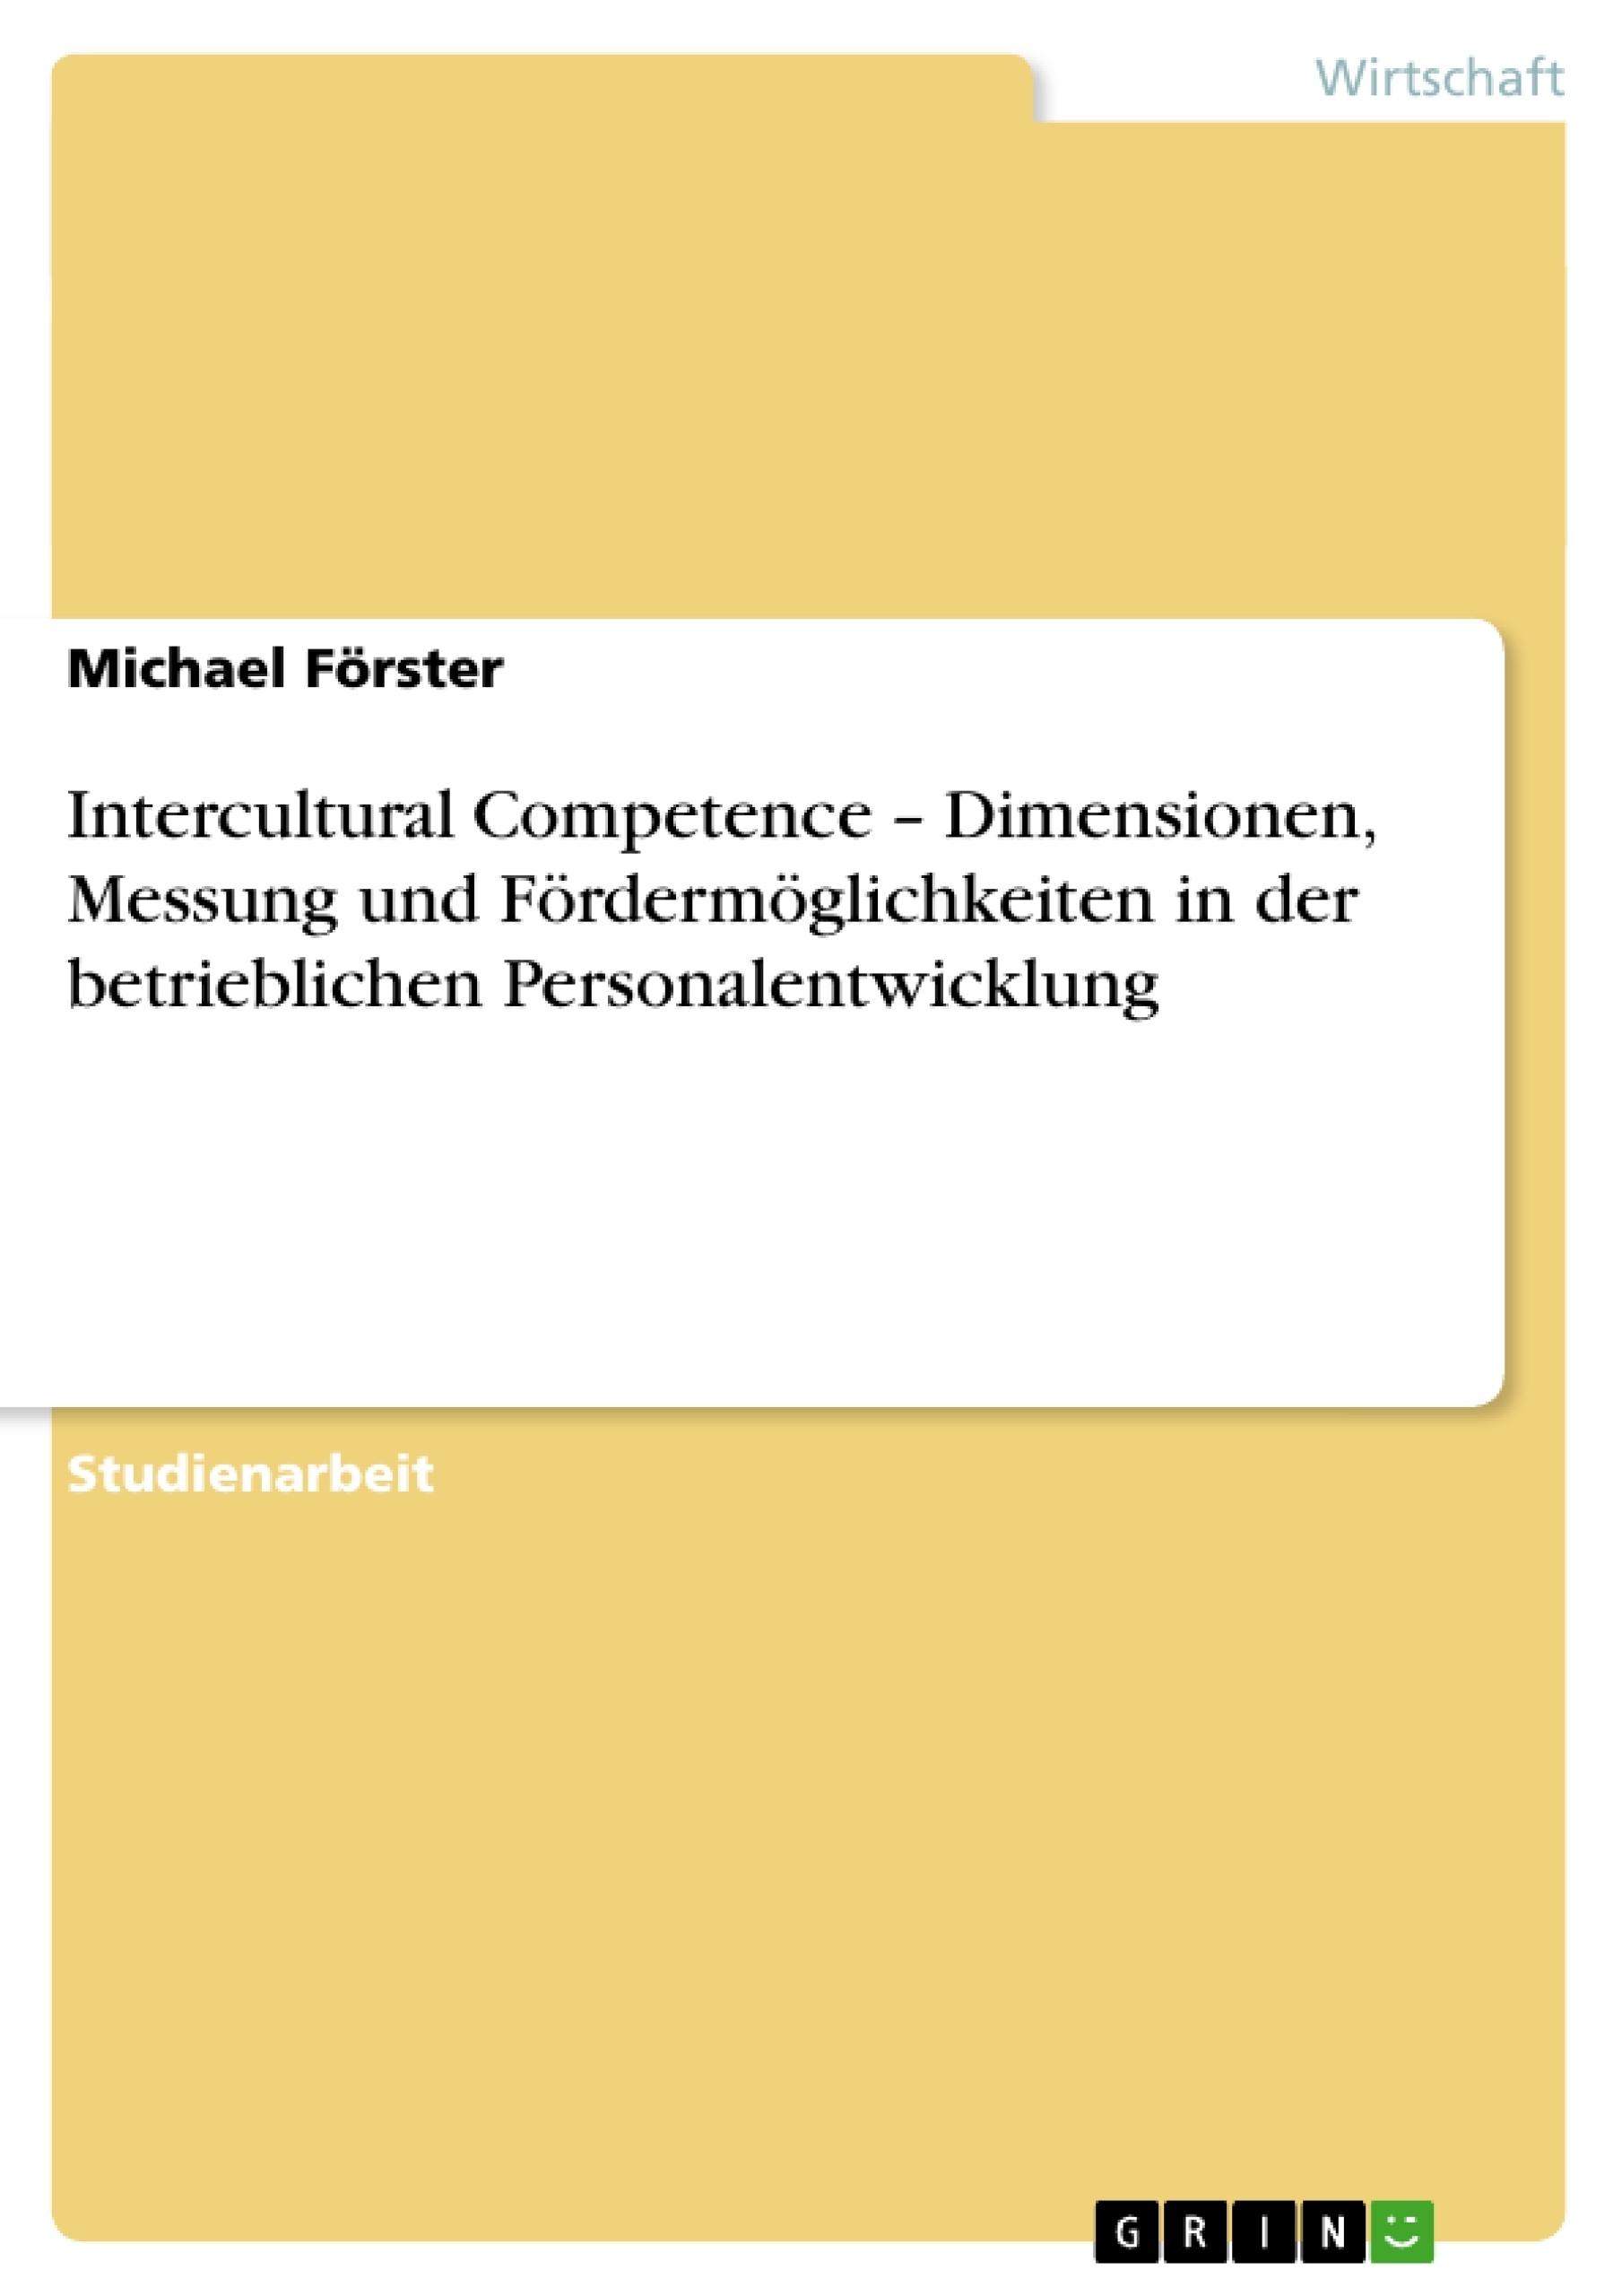 Titel: Intercultural Competence – Dimensionen, Messung und Fördermöglichkeiten in der betrieblichen Personalentwicklung